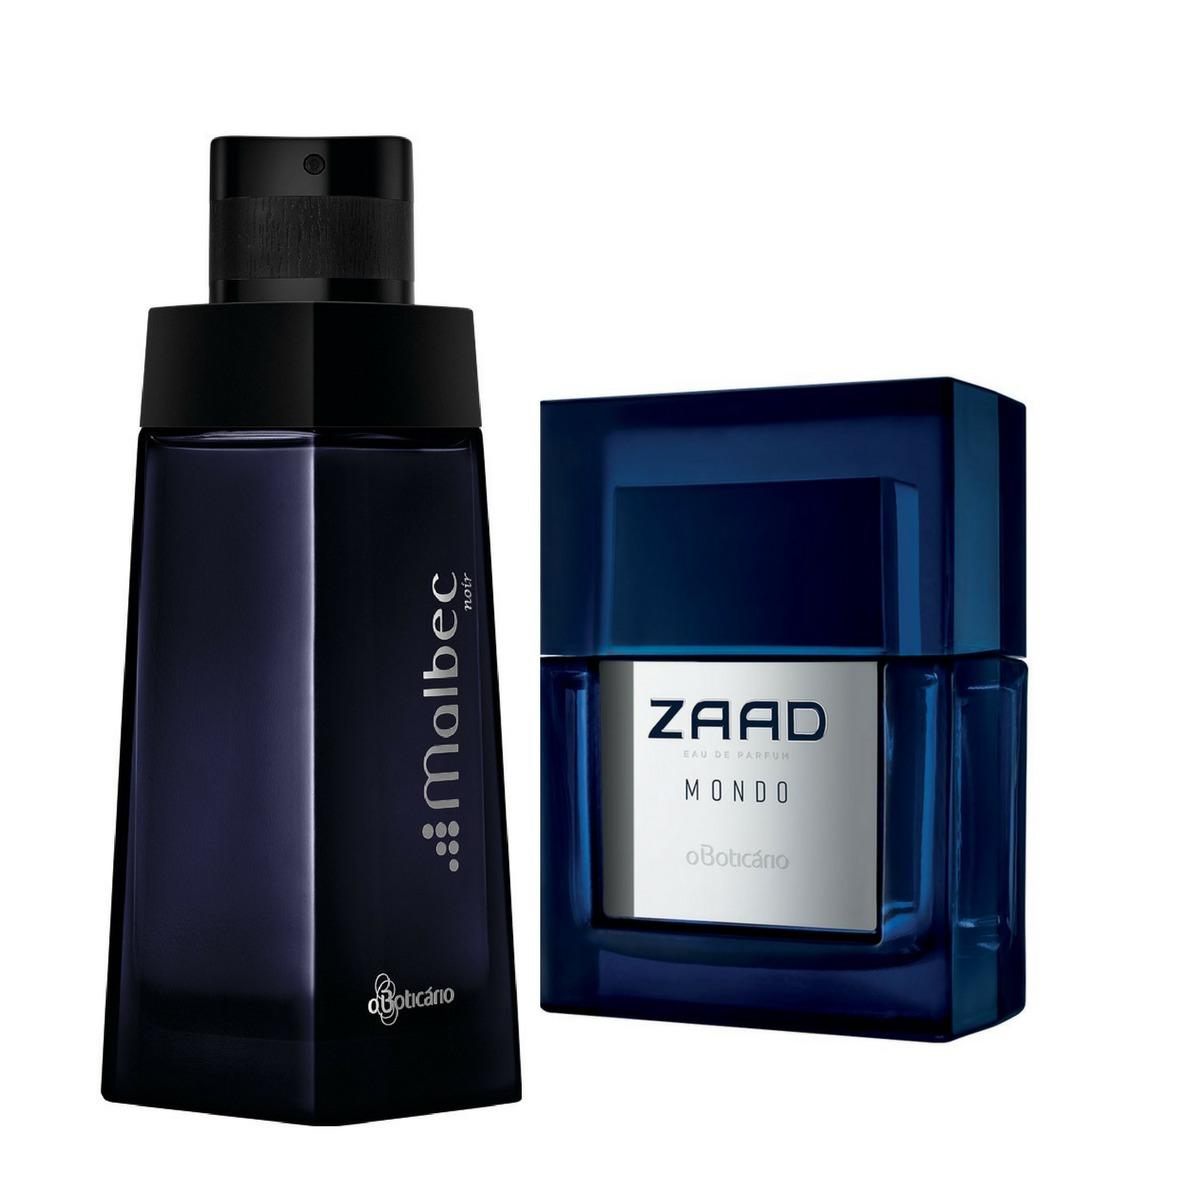 2d8b1d0ae Kit Perfume Masculino O Boticario Zaad Vision+malbec Noir - R  479 ...